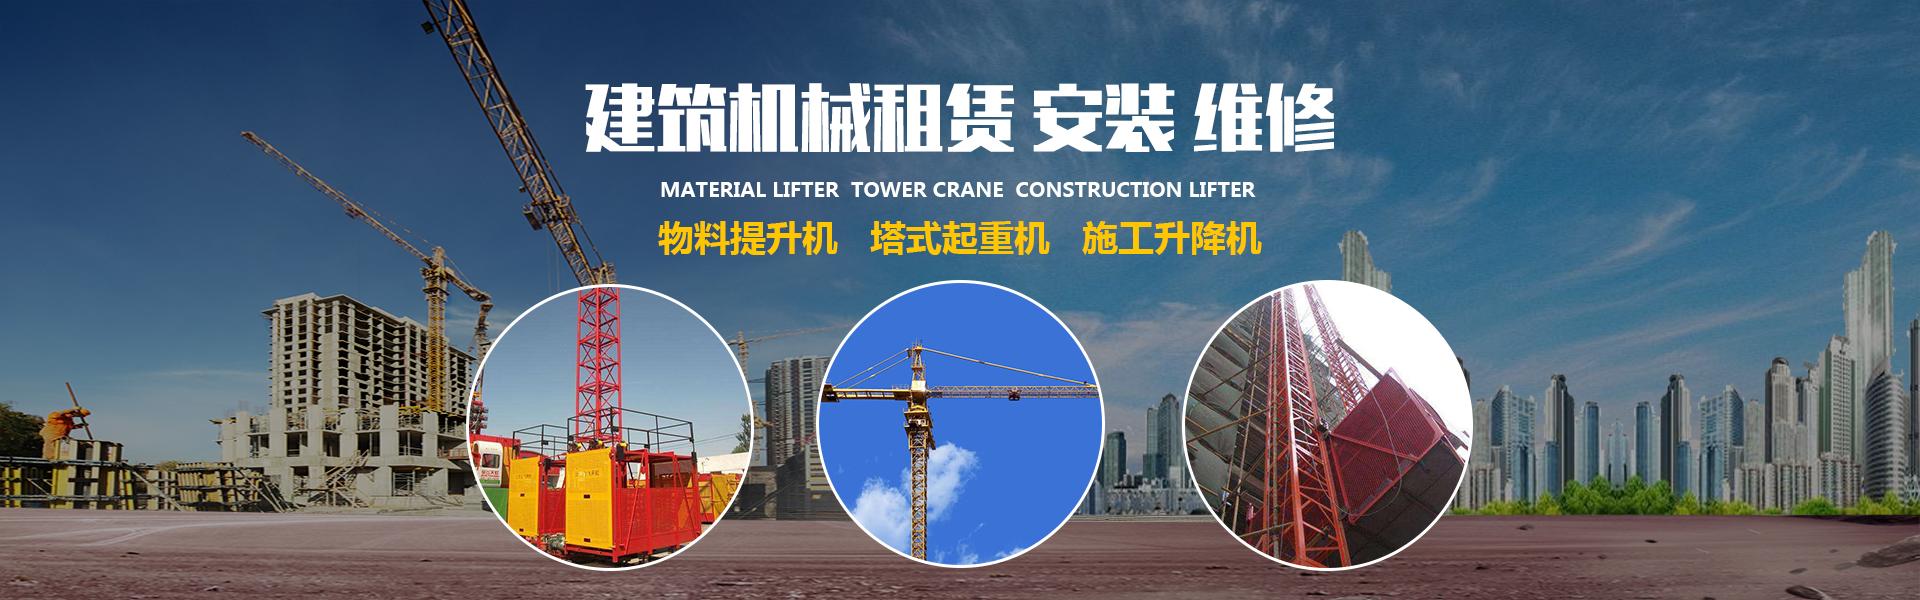 青州市永信建筑機械有限公司,專營施工升降機、塔式起重機、物料提升機等業務,有意向的客戶請咨詢我們